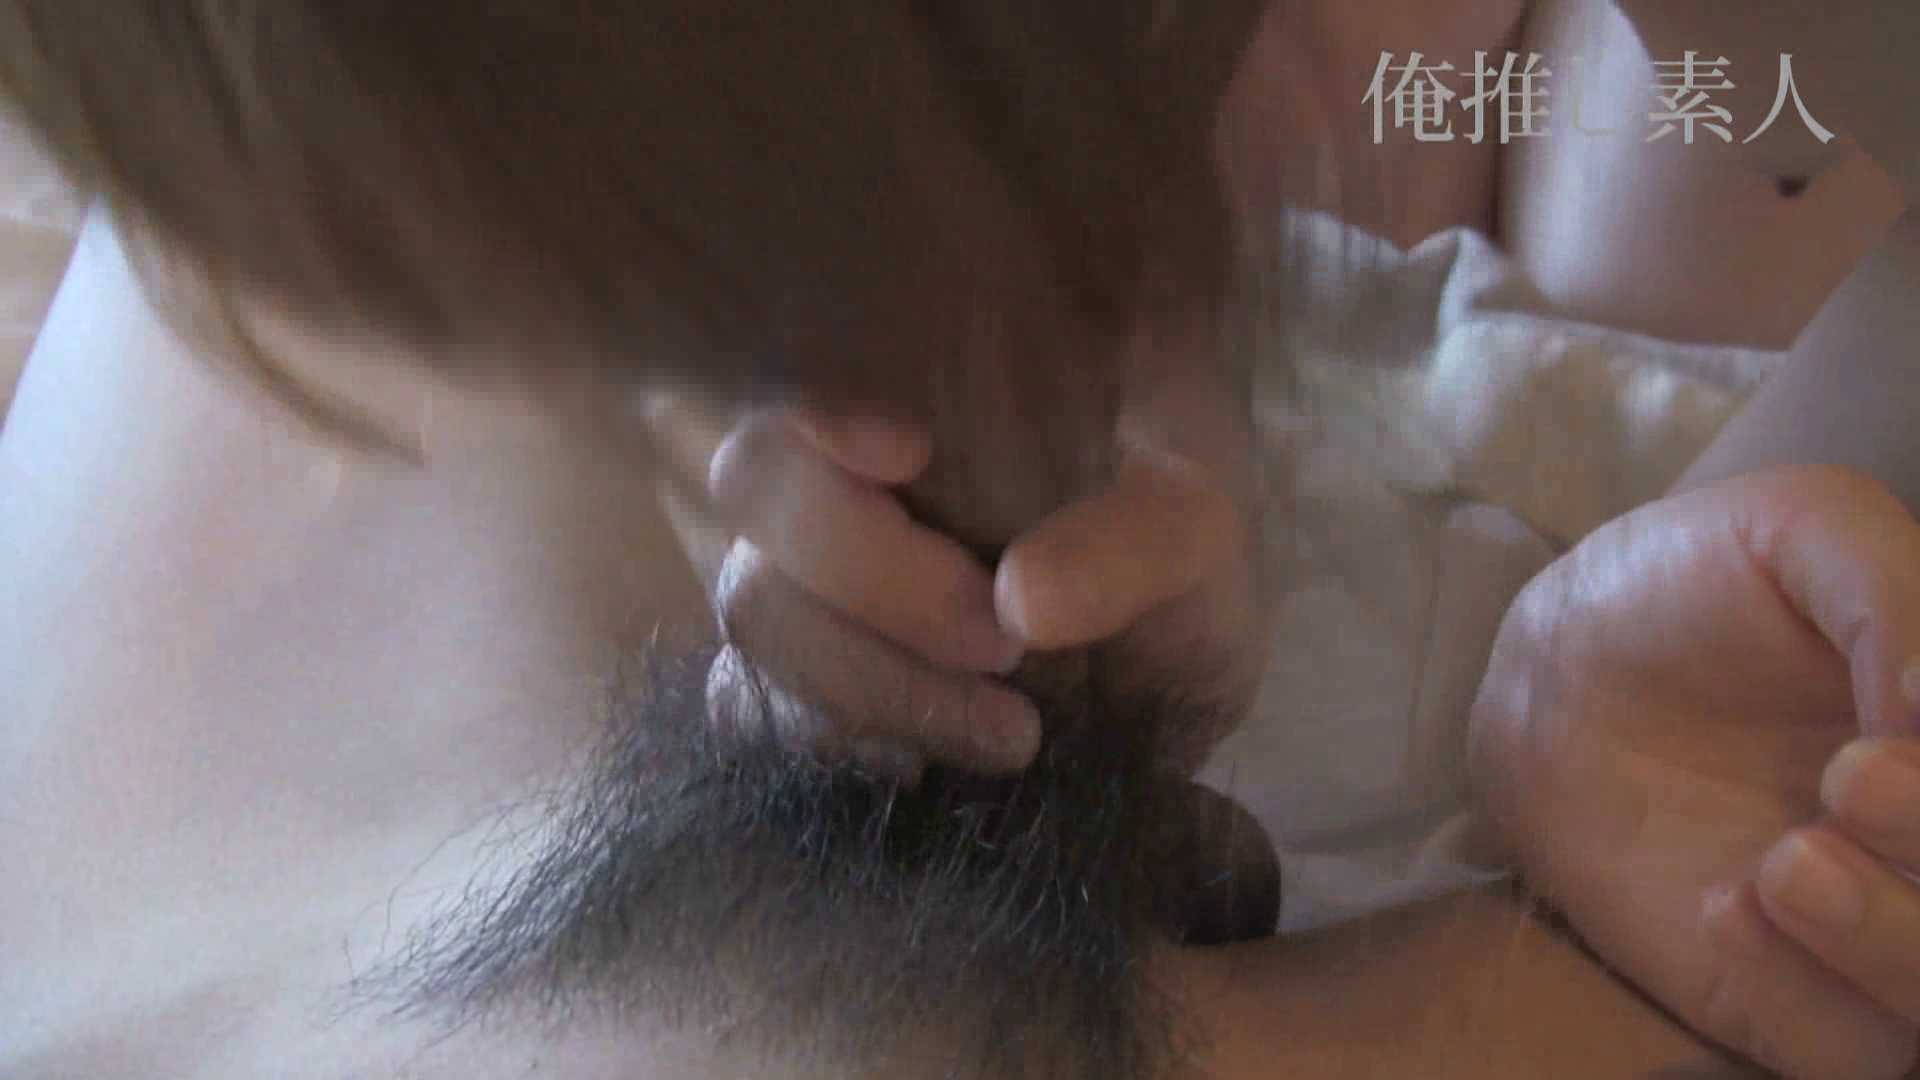 俺推し素人 キャバクラ嬢26歳久美vol5 OLのエッチ AV動画キャプチャ 107pic 102